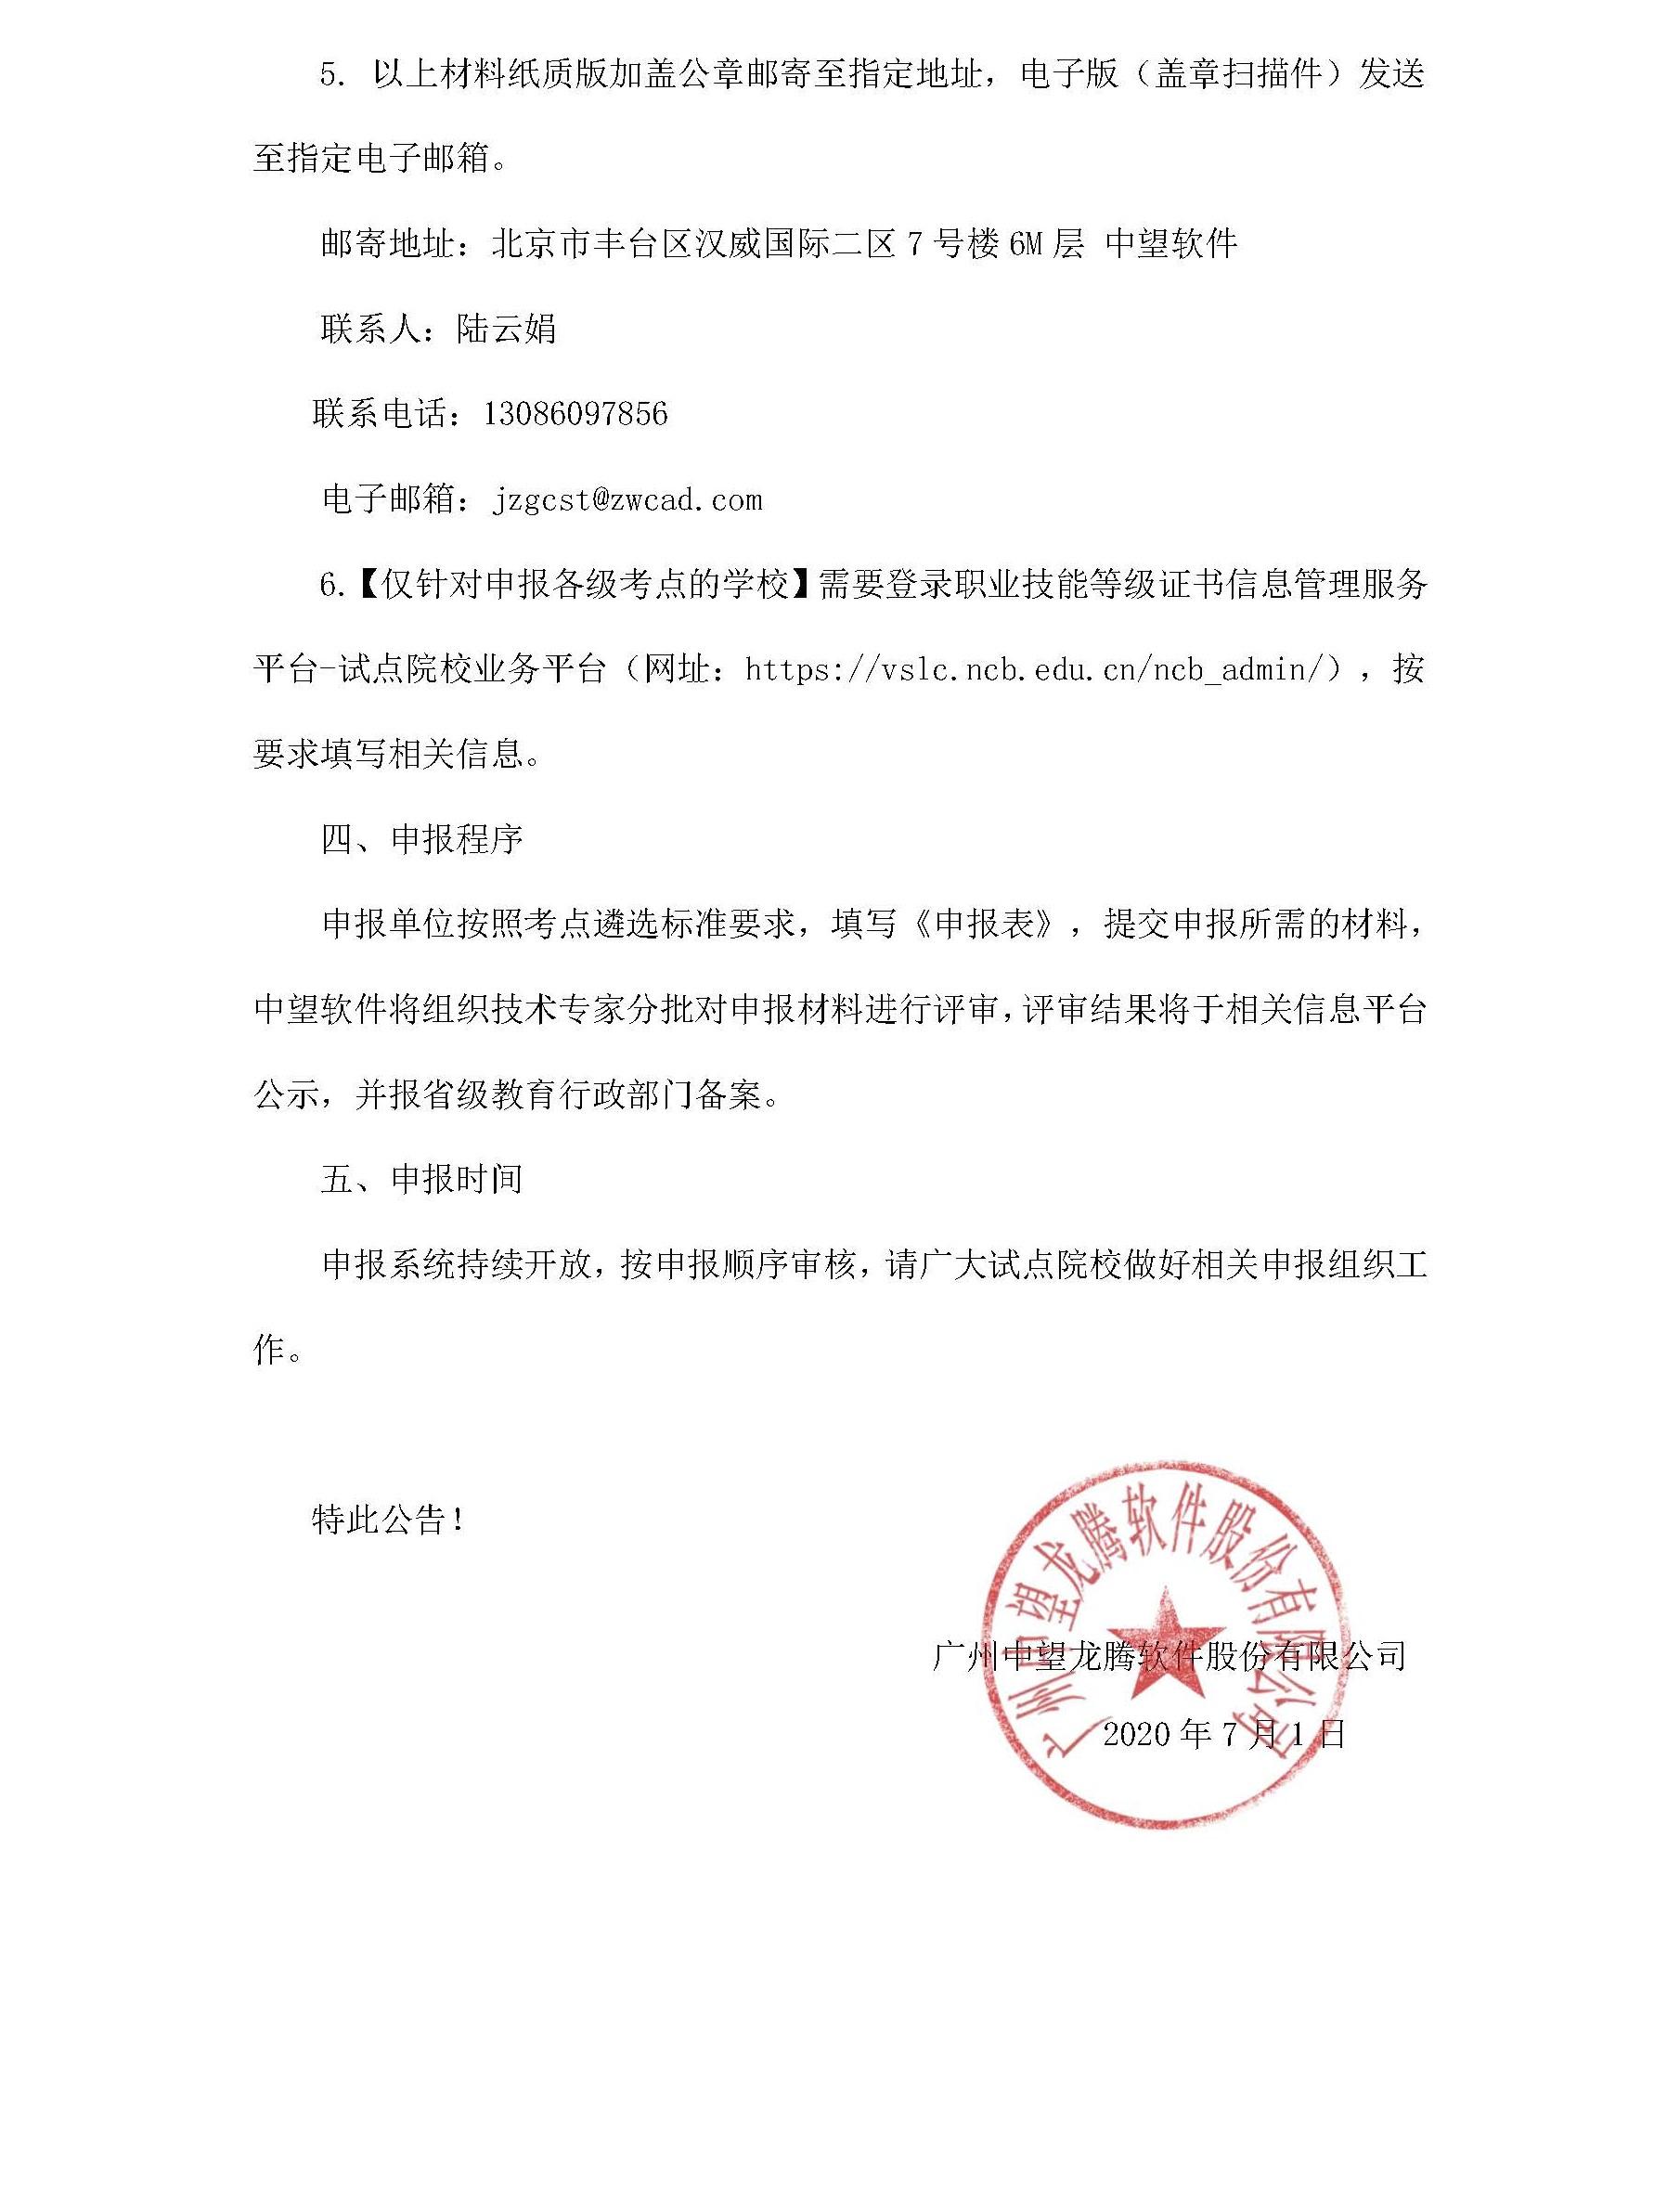 考试服务机构招募公告 - 改_页面_2.jpg